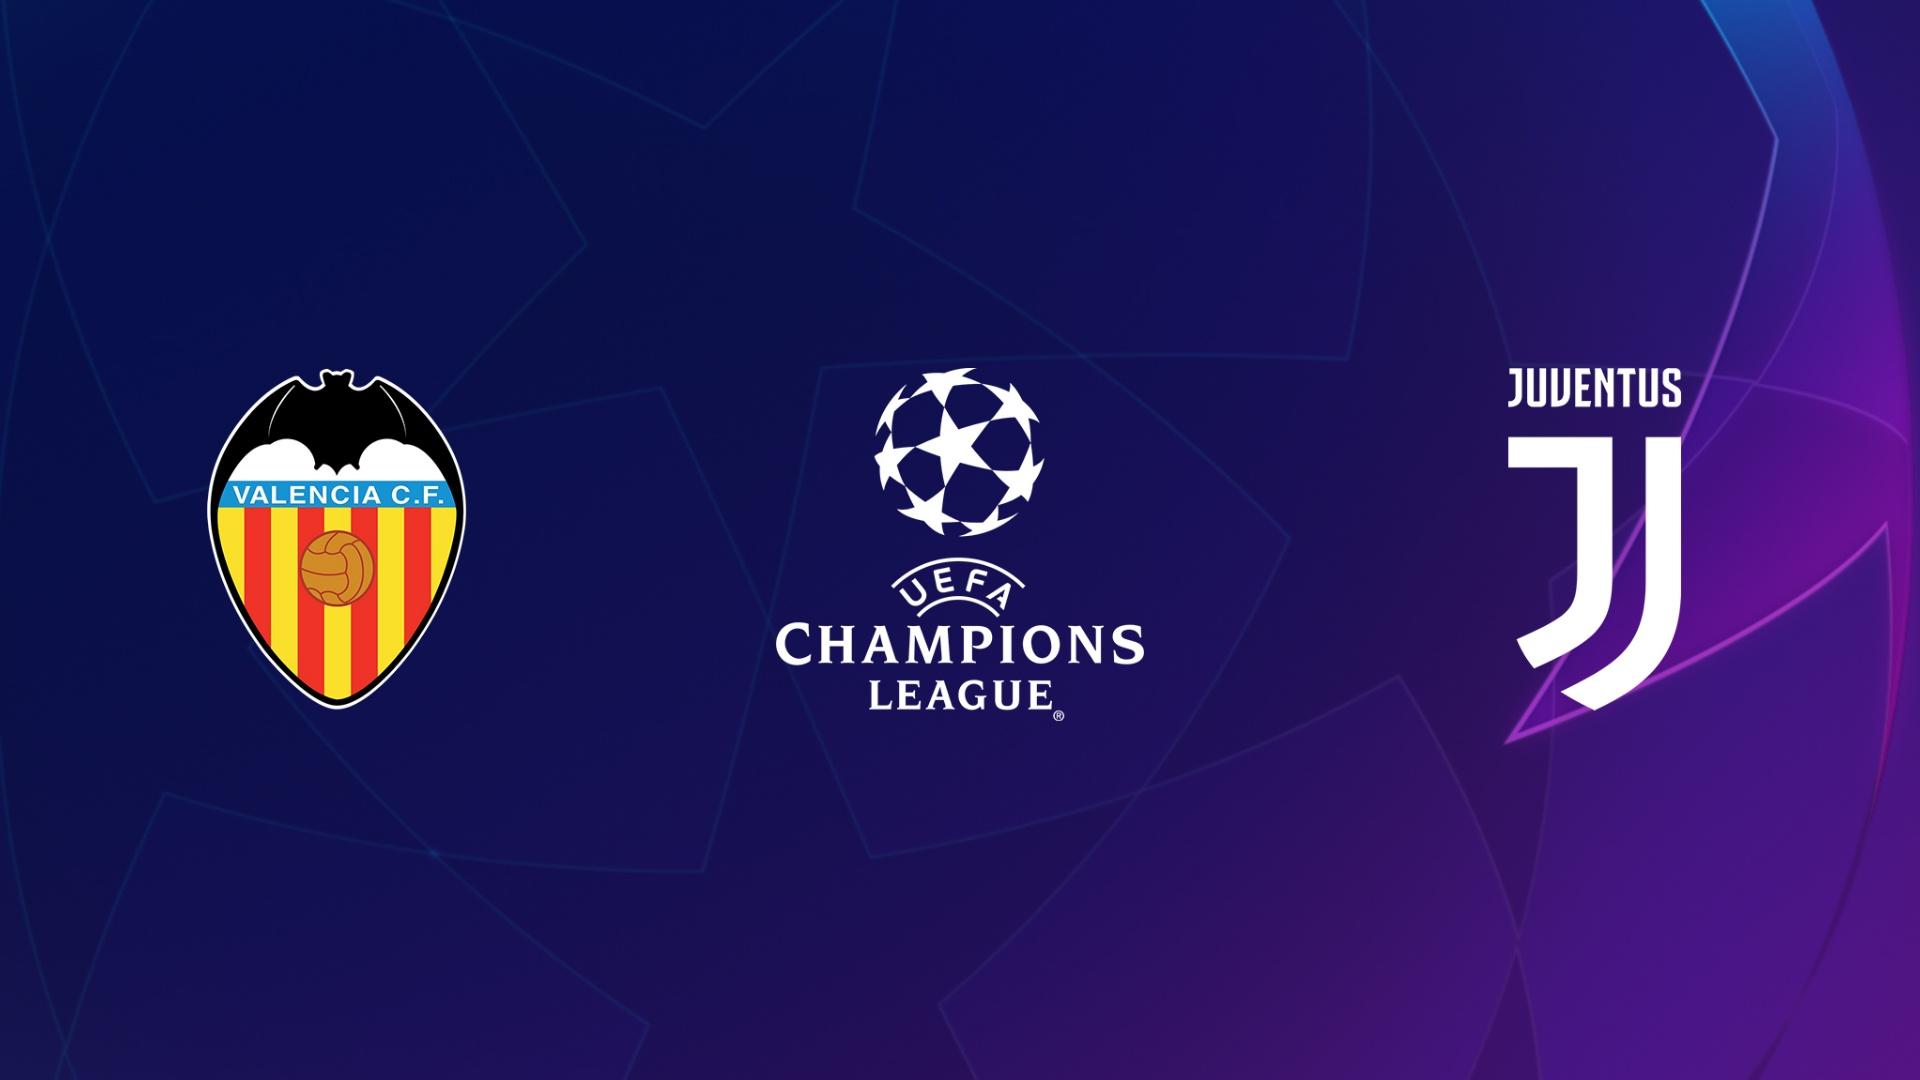 Champions League, Valencia-Juve: in comune la 'maledizione' delle finale perse